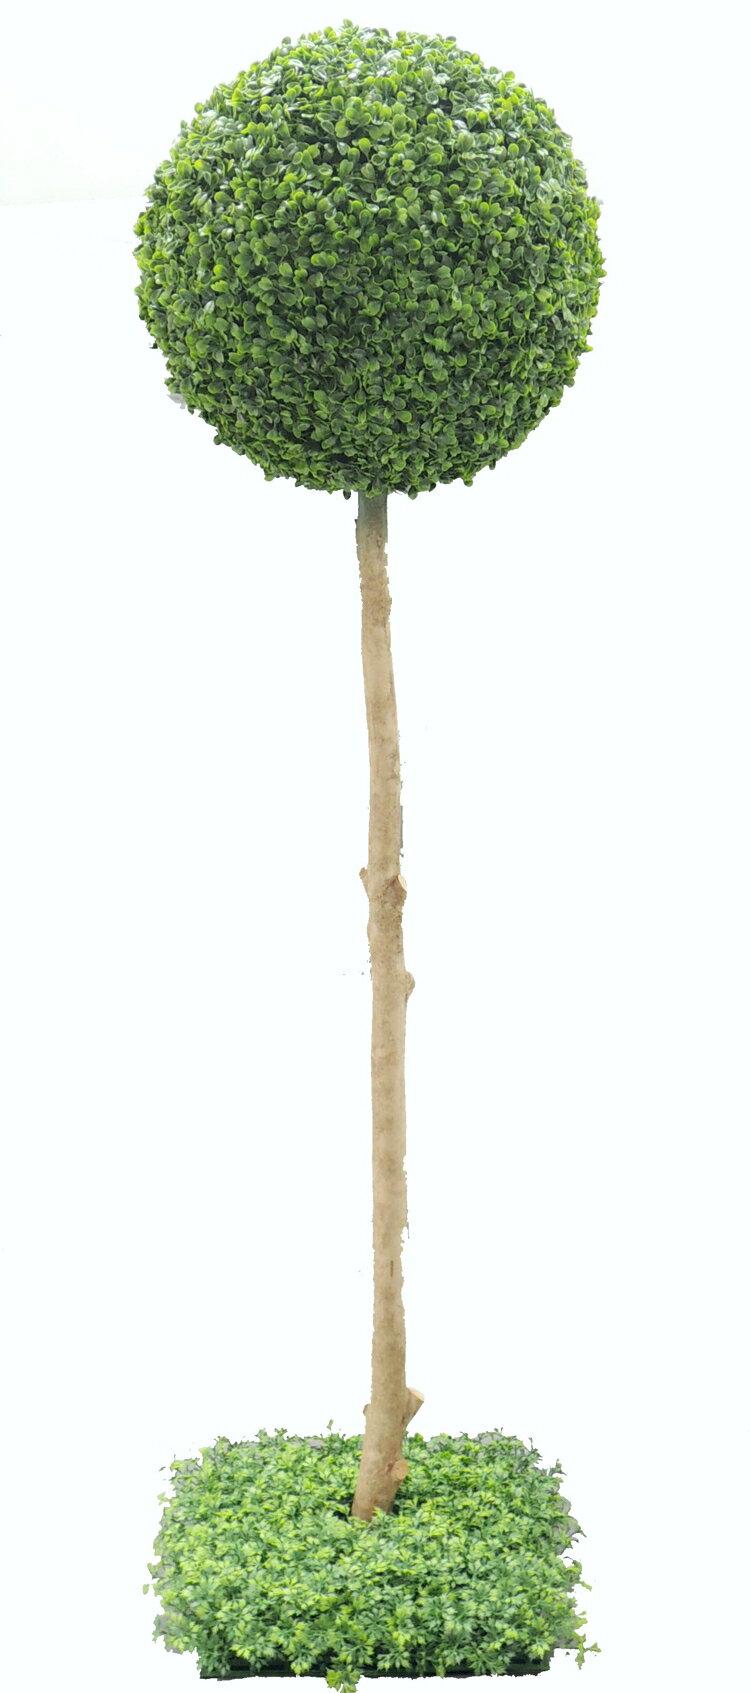 ボックスウッドトピアリー 高さ120cm (造花 人工観葉植物 樹木 円形 ガーデニング 球体 丸い オブジェ インテリア フェイクグリーン)